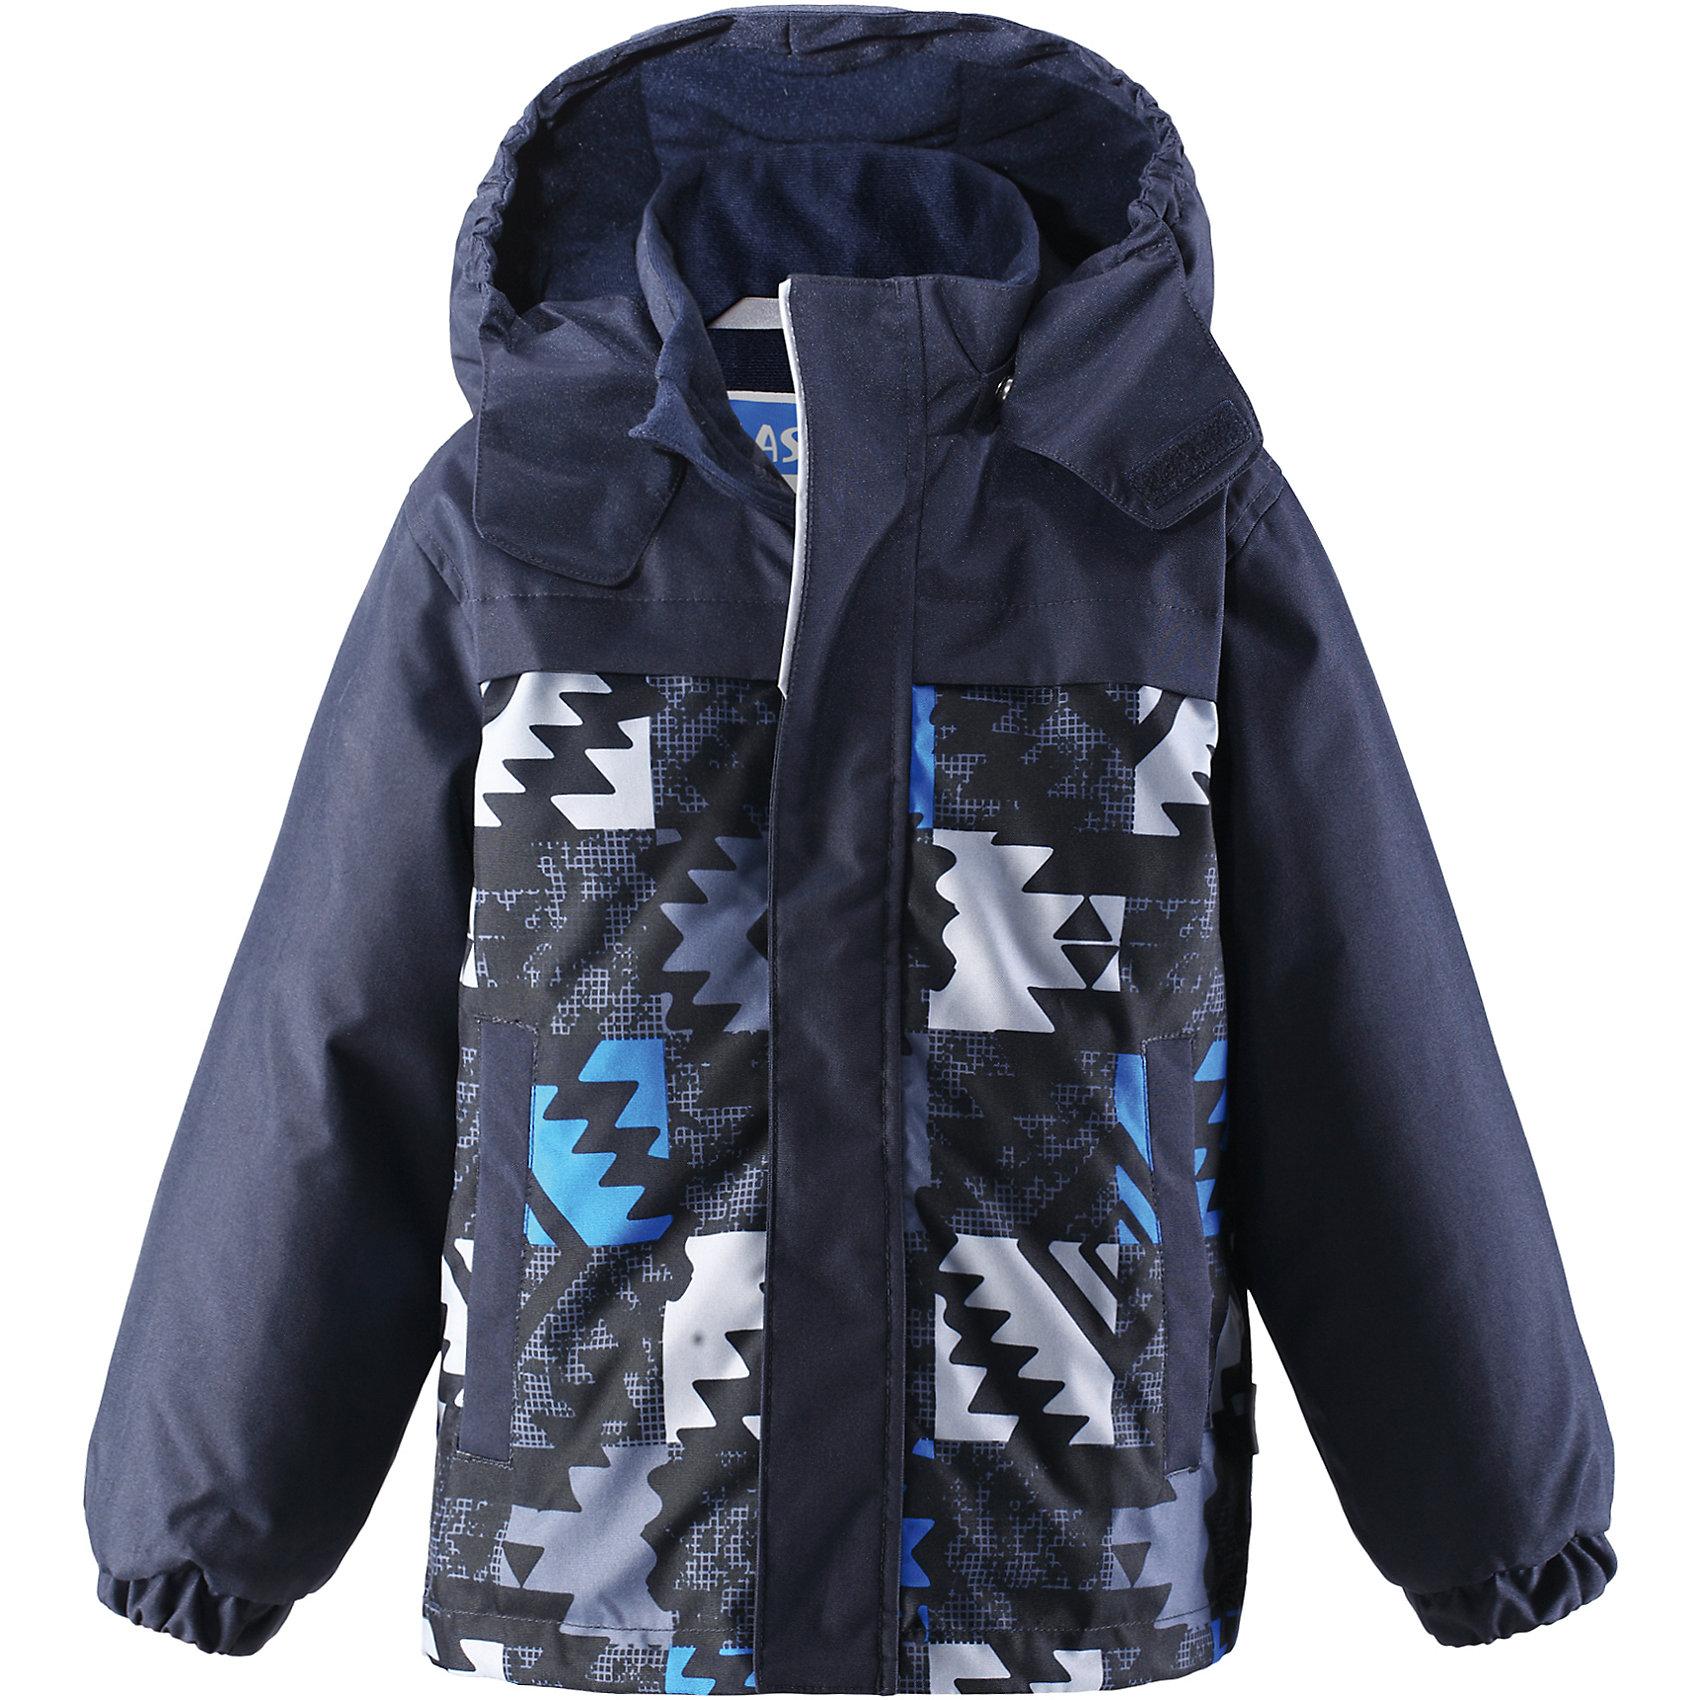 Куртка для мальчика LASSIEЗимняя куртка для детей звестной финской марки.<br><br>- Прочный материал. Водоотталкивающий, ветронепроницаемый, «дышащий» и грязеотталкивающий материал.<br>- Гладкая подкладка из полиэстра. <br>- Средняя степень утепления<br>- Безопасный, съемный капюшон. <br>- Эластичные манжеты. <br>- Регулируемый подол. <br>- Два прорезных кармана.<br>-  Принт по всей поверхности.  <br><br>Рекомендации по уходу: Стирать по отдельности, вывернув наизнанку. Застегнуть молнии и липучки. Соблюдать температуру в соответствии с руководством по уходу. Стирать моющим средством, не содержащим отбеливающие вещества. Полоскать без специального средства. Сушение в сушильном шкафу разрешено при  низкой температуре.<br><br>Состав: 100% Полиамид, полиуретановое покрытие, 100% Полиамид, полиуретановое покрытие.  Утеплитель «Lassie wadding» 180гр.<br><br>Ширина мм: 356<br>Глубина мм: 10<br>Высота мм: 245<br>Вес г: 519<br>Цвет: синий<br>Возраст от месяцев: 96<br>Возраст до месяцев: 108<br>Пол: Мужской<br>Возраст: Детский<br>Размер: 134,140,92,98,104,110,116,122,128<br>SKU: 4782398